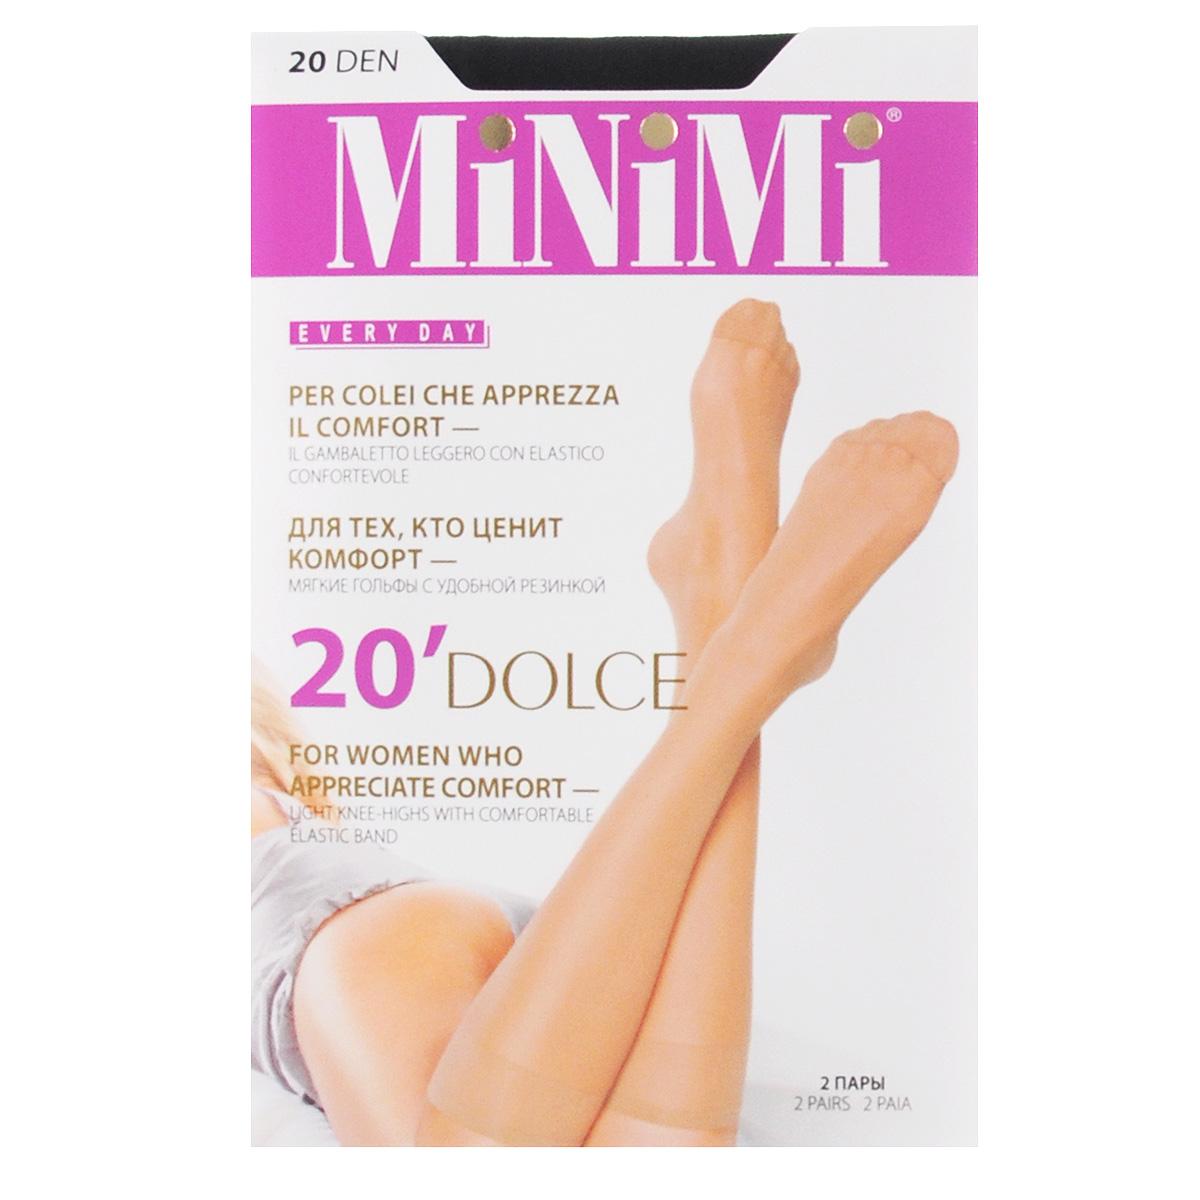 купить Гольфы женские Minimi Dolce 20, 2 пары, цвет: Nero (черный). Размер универсальный по цене 74.2 рублей